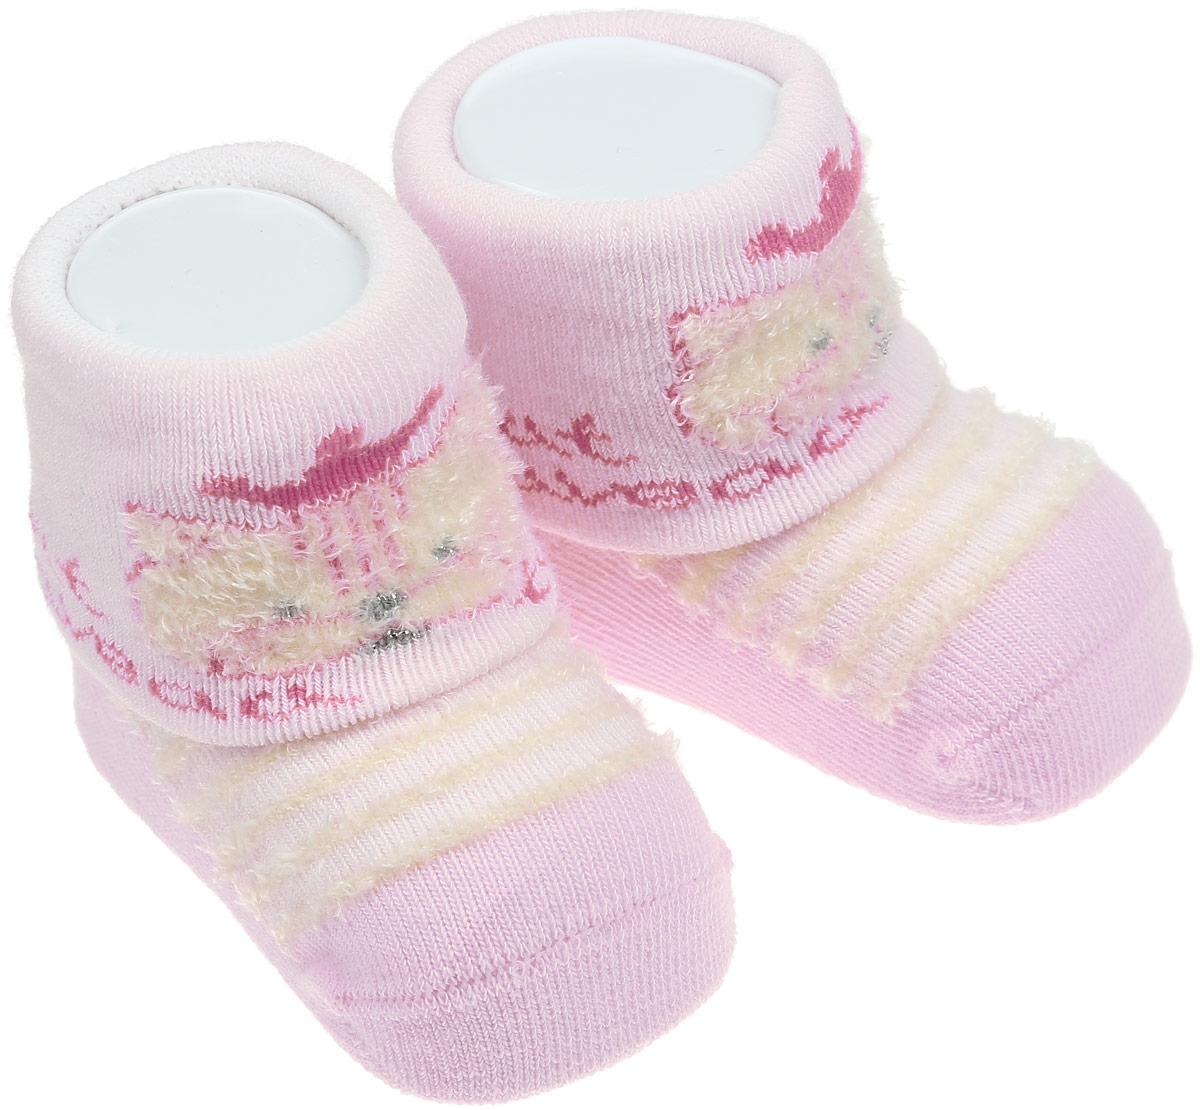 Носки детские Master Socks, цвет: розовый. 82014. Размер 882014Детские носки Master Socks изготовлены из высококачественного материала. Широкая резинка мягко облегает ножку, не сдавливая ее, благодаря чему ребенку будет комфортно и удобно. Усиленные пятка и мысок обеспечивают надежность и долговечность. Модель оформлена фактурными полосками, украшена объемным изображением котика.Такие носочки станут отличным дополнением к гардеробу ребенка! Уважаемые клиенты!Размер, доступный для заказа, является длиной стопы.